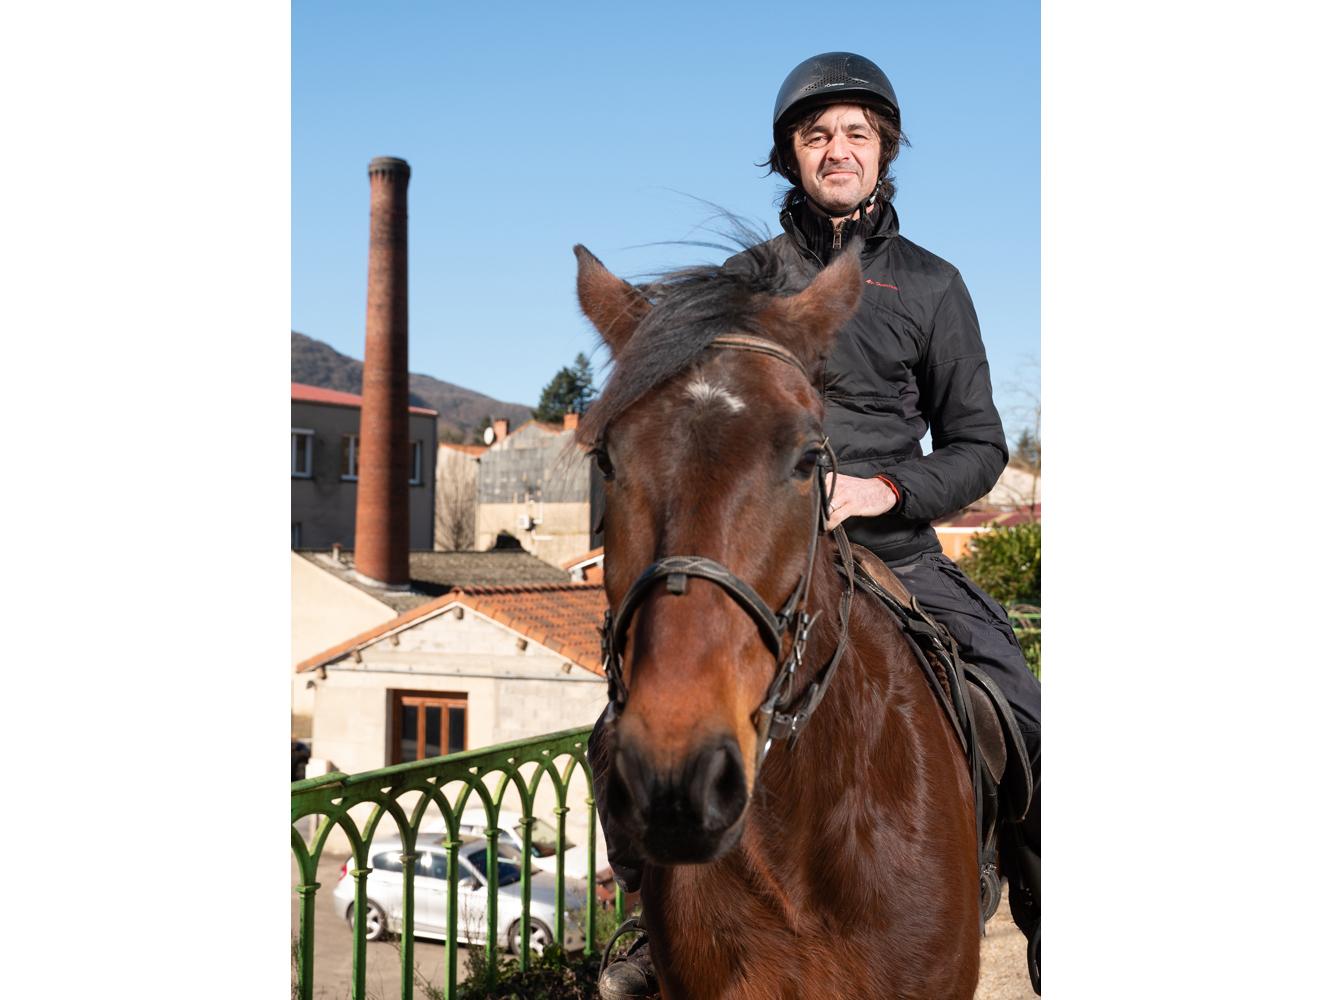 Hugues , régisseur, saint Amans Soult usagers voie verte Parc naturel Haut-Languedoc région Occitanie